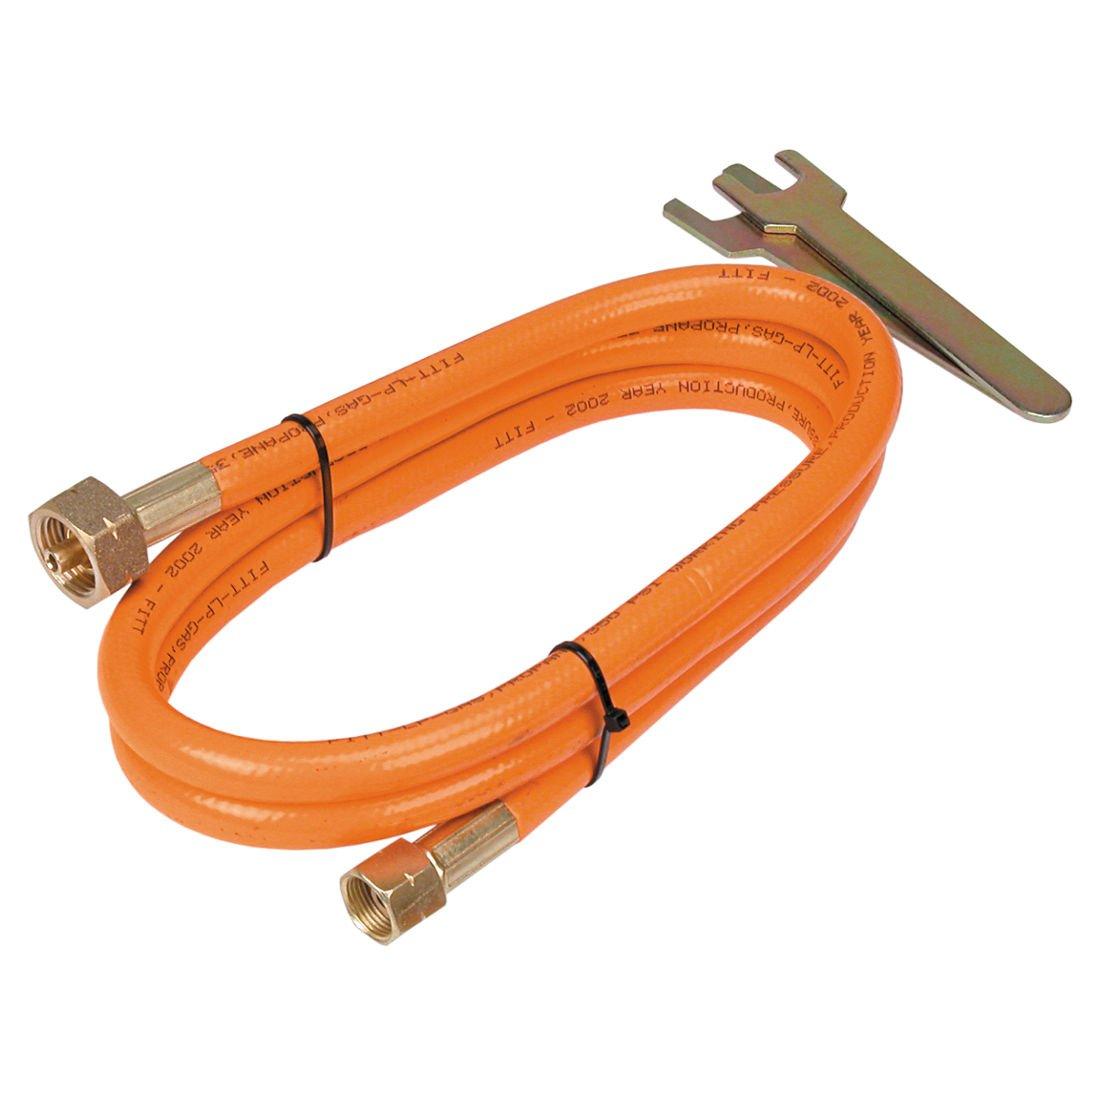 Propangasschlauch mit Verbinder 2-5m Gasschlauch Gasanschlussschlauch Propan Butan Verbindungsschlauch (2m) arbeitsbedarf24